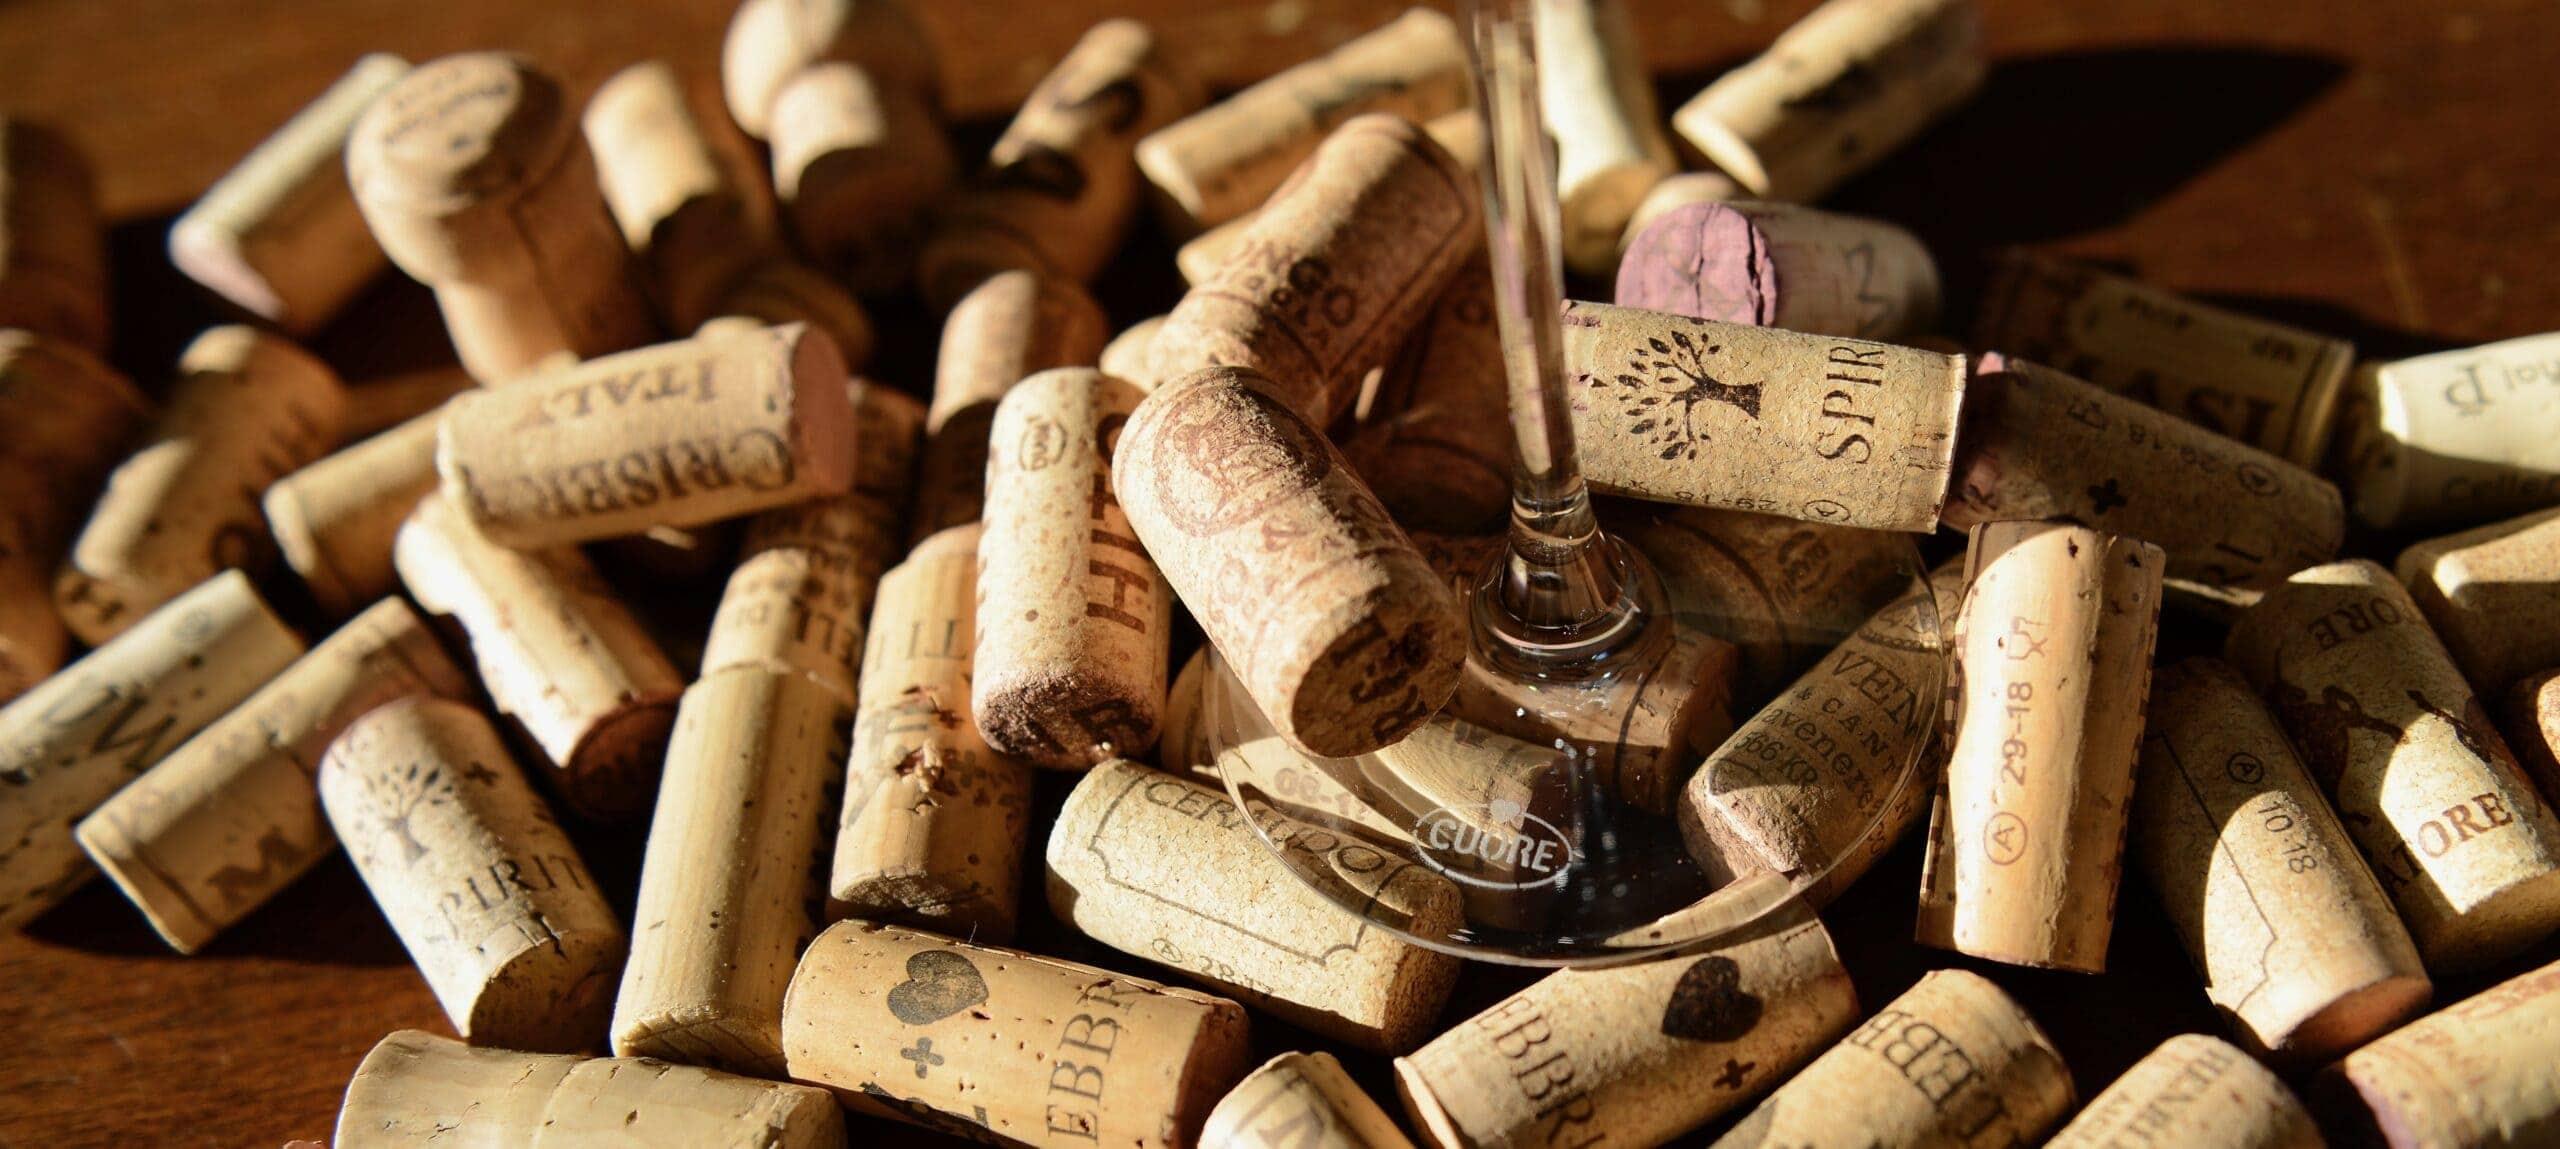 Sammelsurium von Korkzapfen aus Weinflaschen